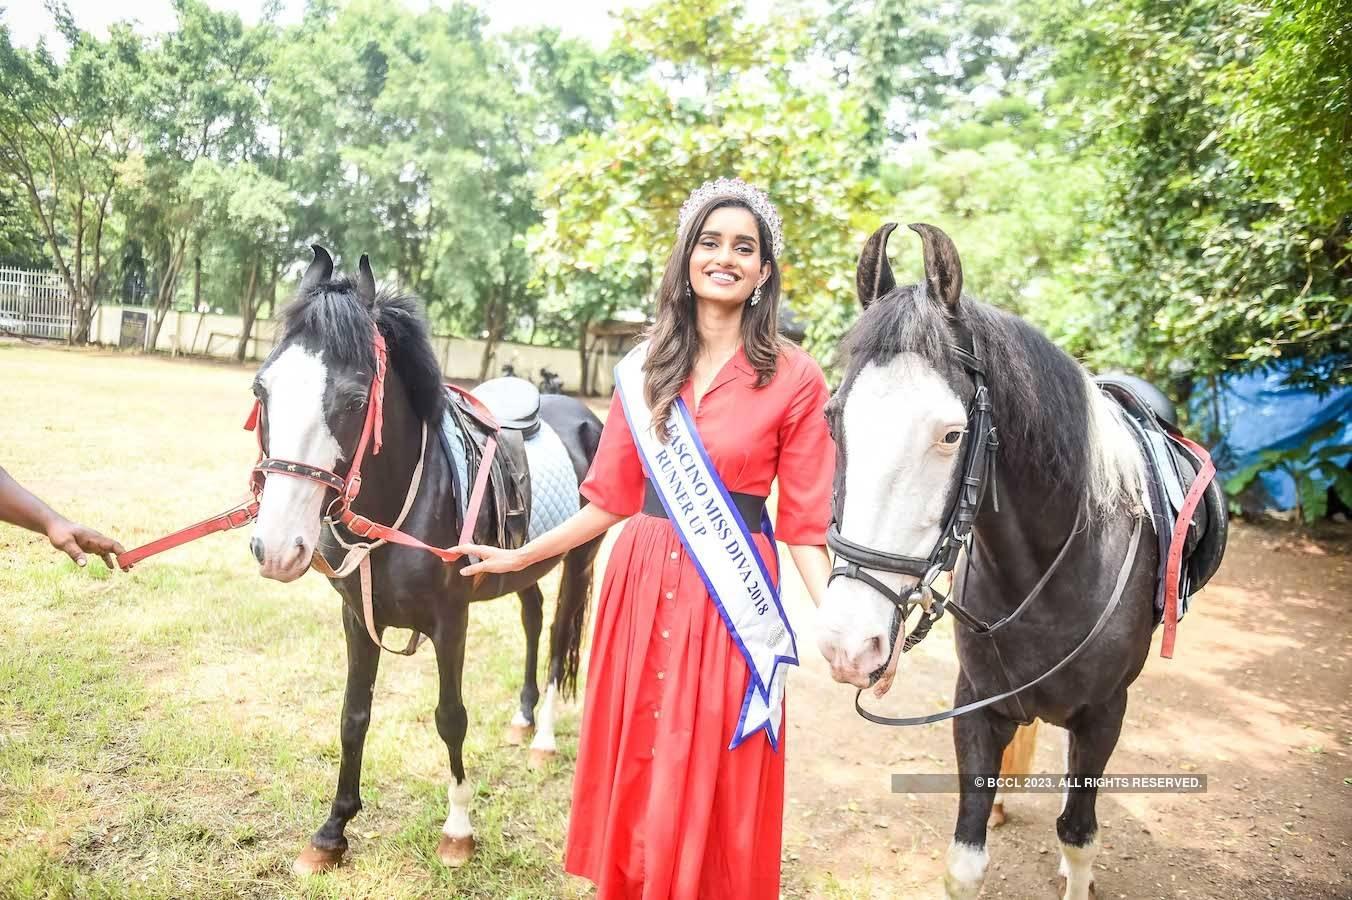 Yamaha Fascino Miss Diva 2018 Runner-Up Roshni Sheoran's homecoming